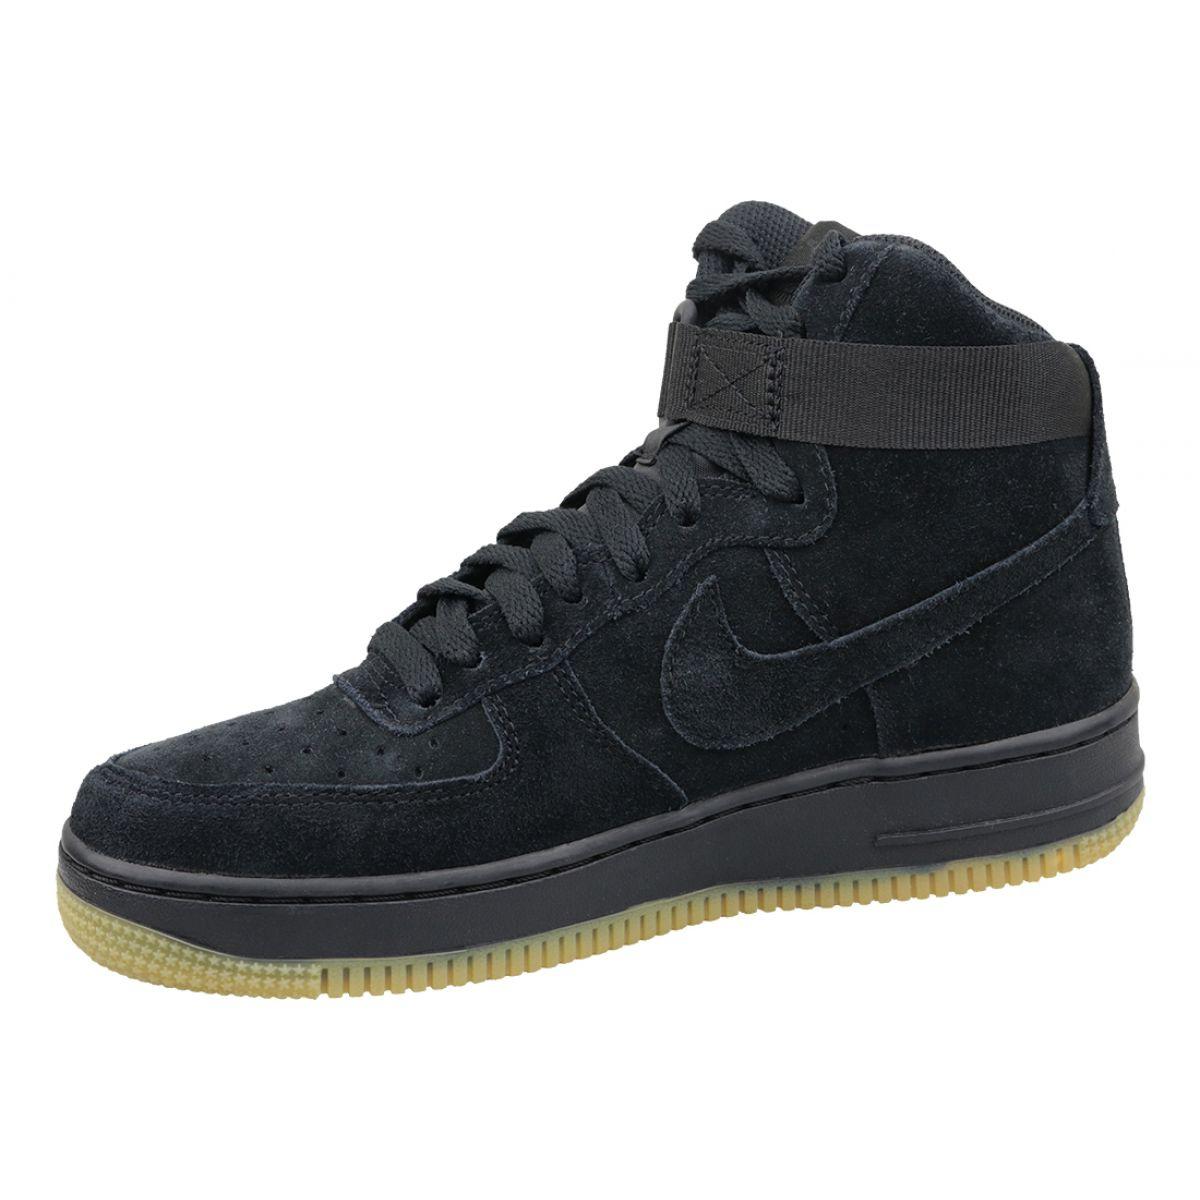 photos officielles ab865 a0596 Noir Chaussures Nike Air Force 1 High LV8 Gs L 807617-002